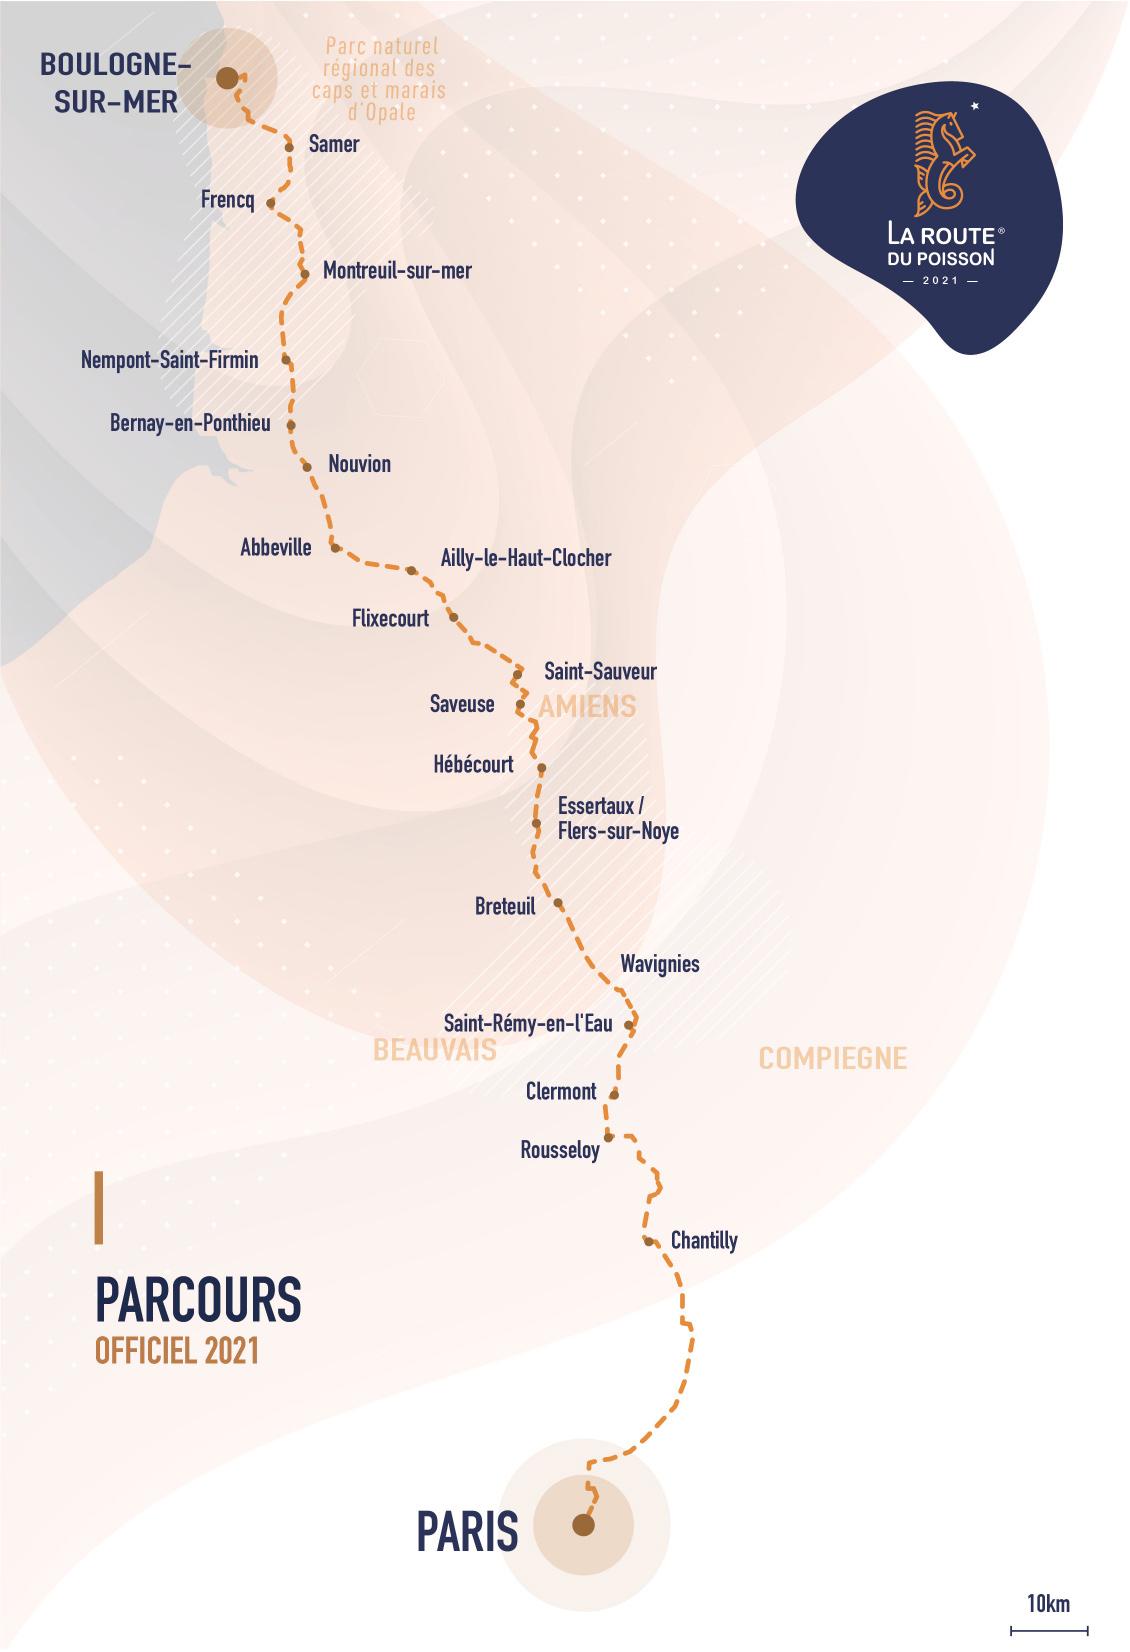 Parcours La route du Poisson de Boulogne-sur-mer à Paris